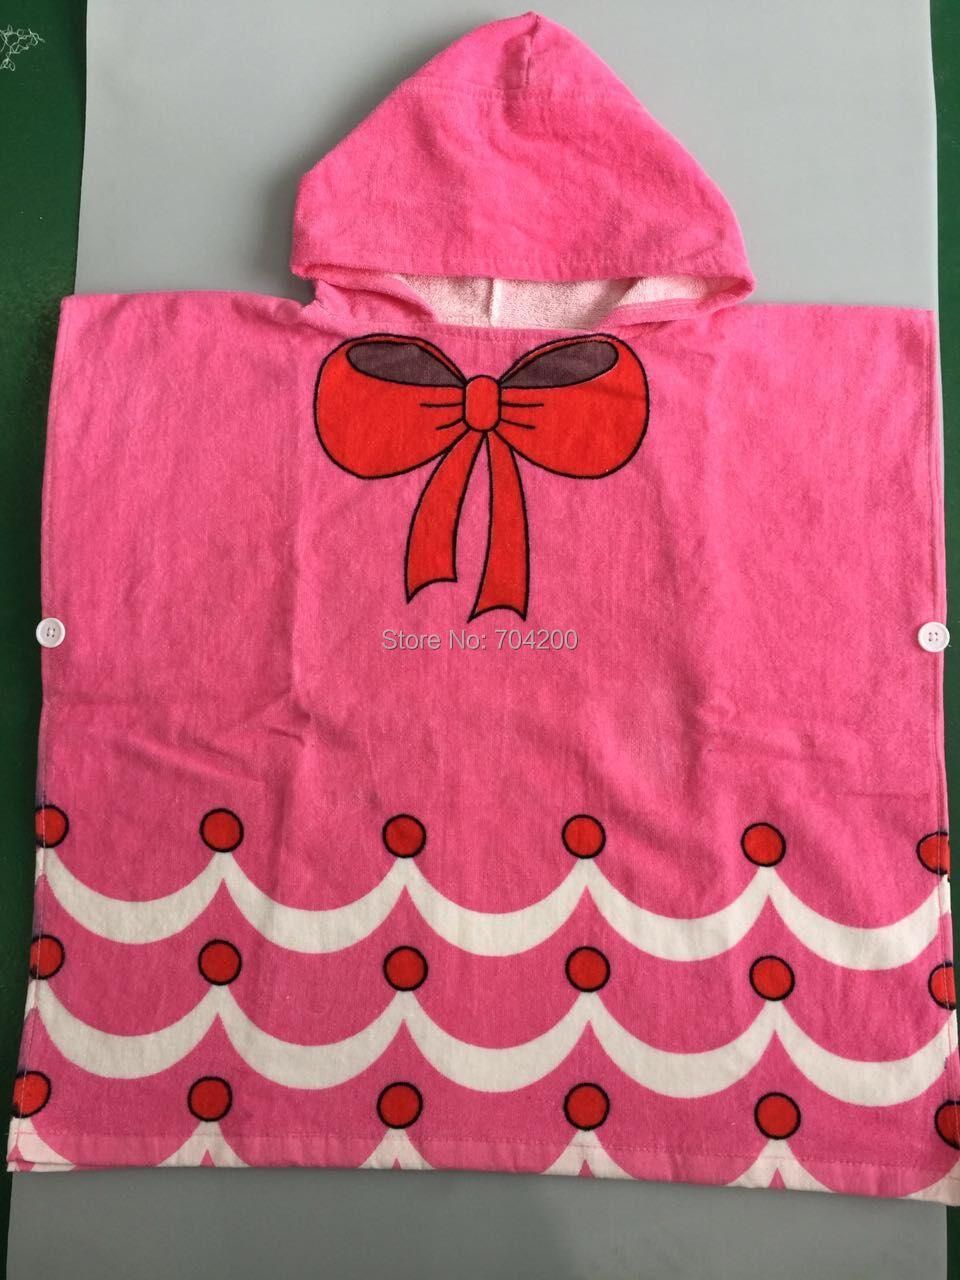 Мультяшные халаты «Алиса» для мальчиков и девочек, «Белоснежка», «динозавр», «панда», «машинка», «робот», милое детское банное полотенце, детский банный халат, пижама